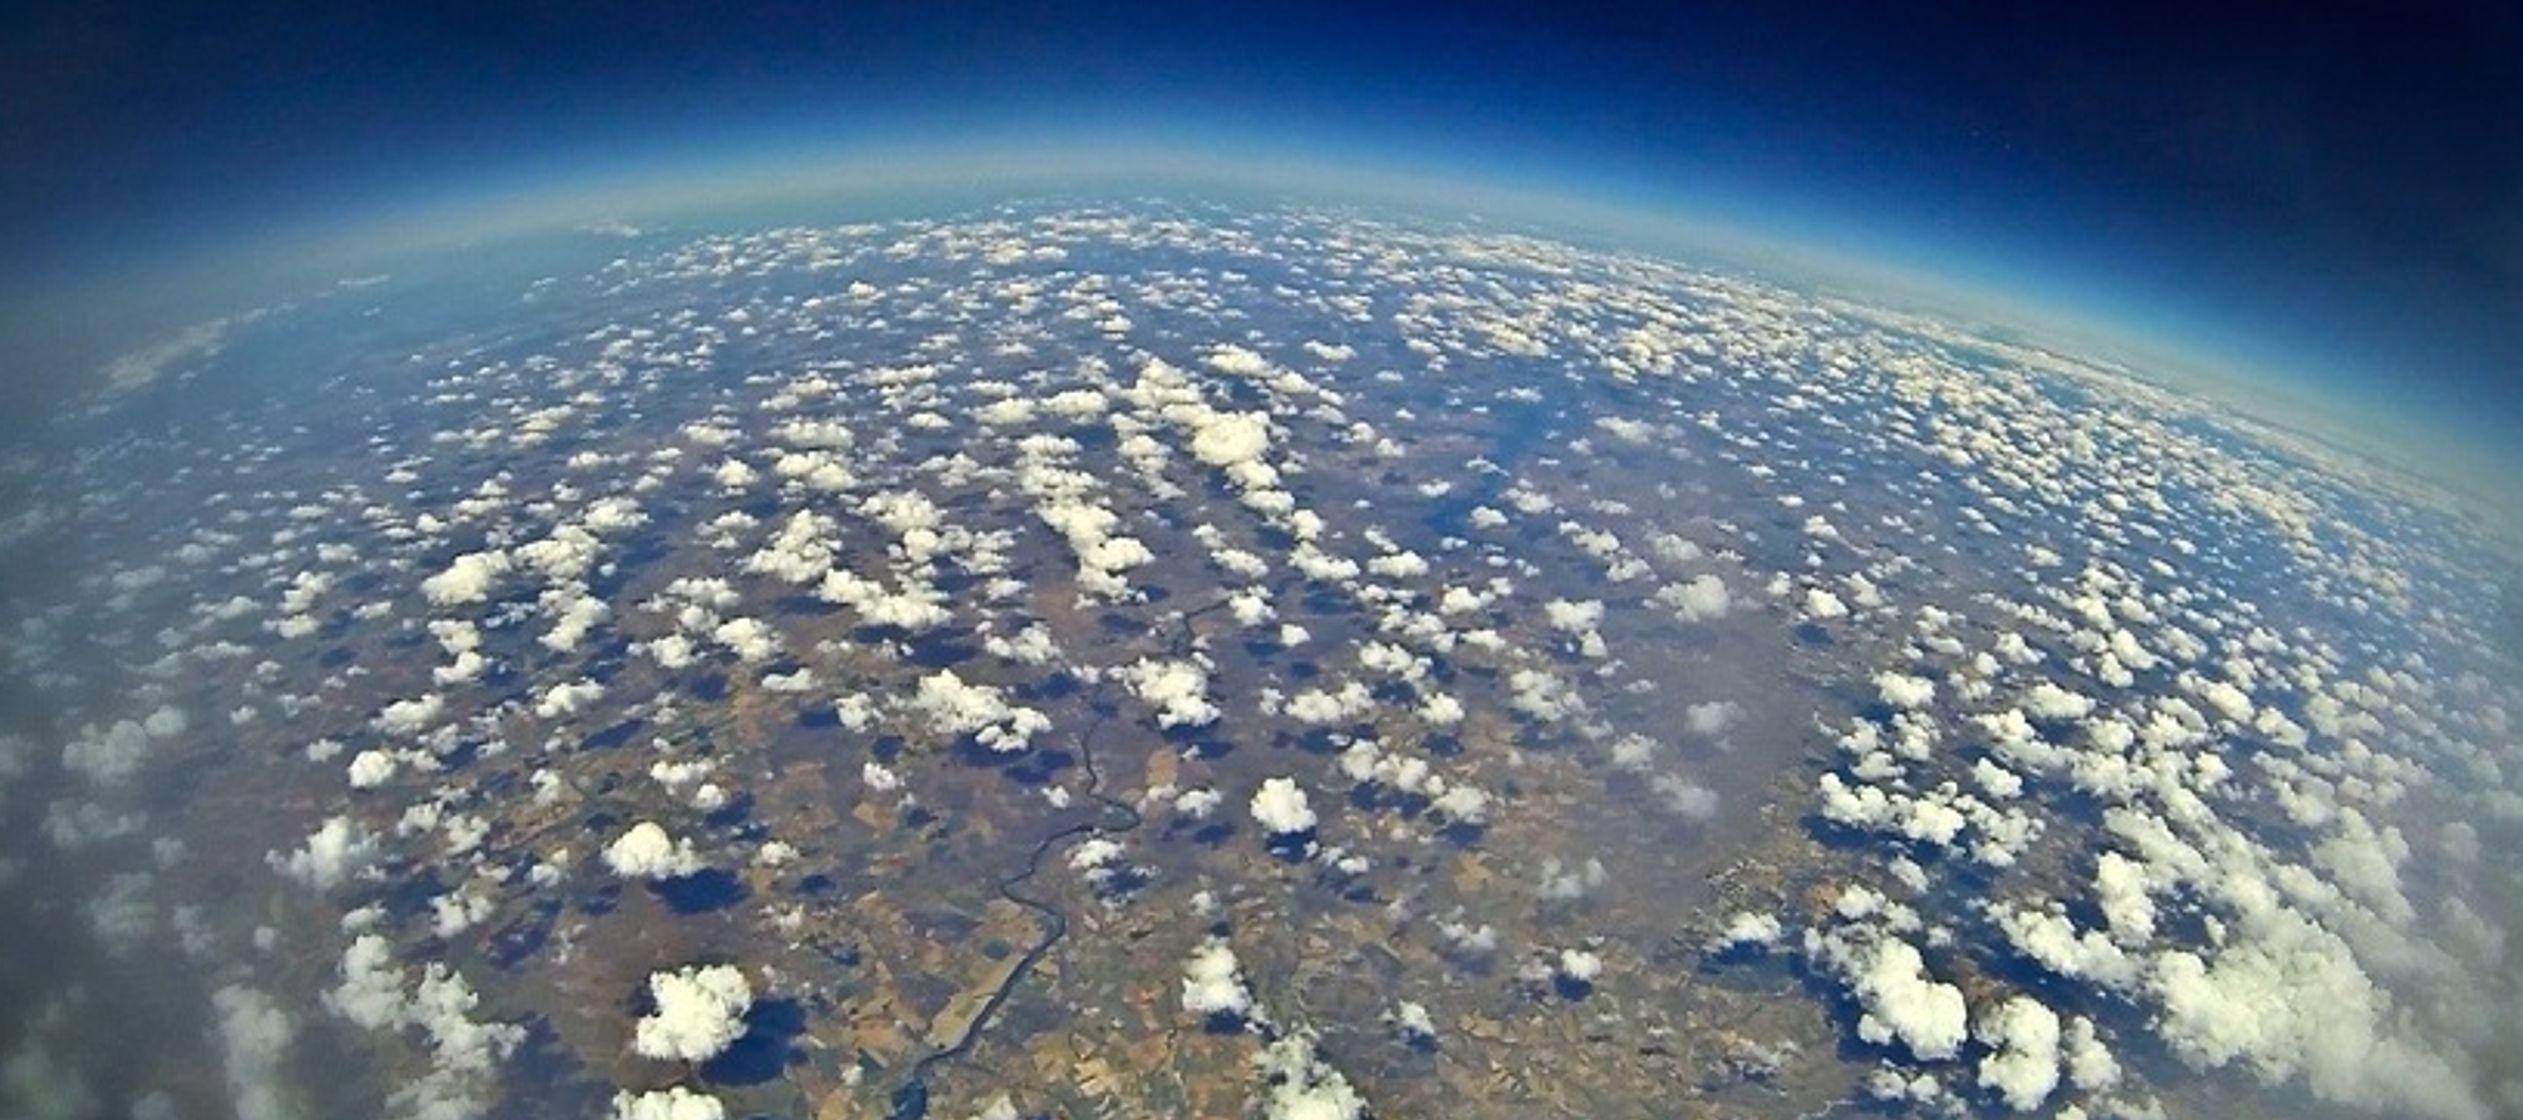 Impacto humano en troposfera ha afectado el ciclo estacional